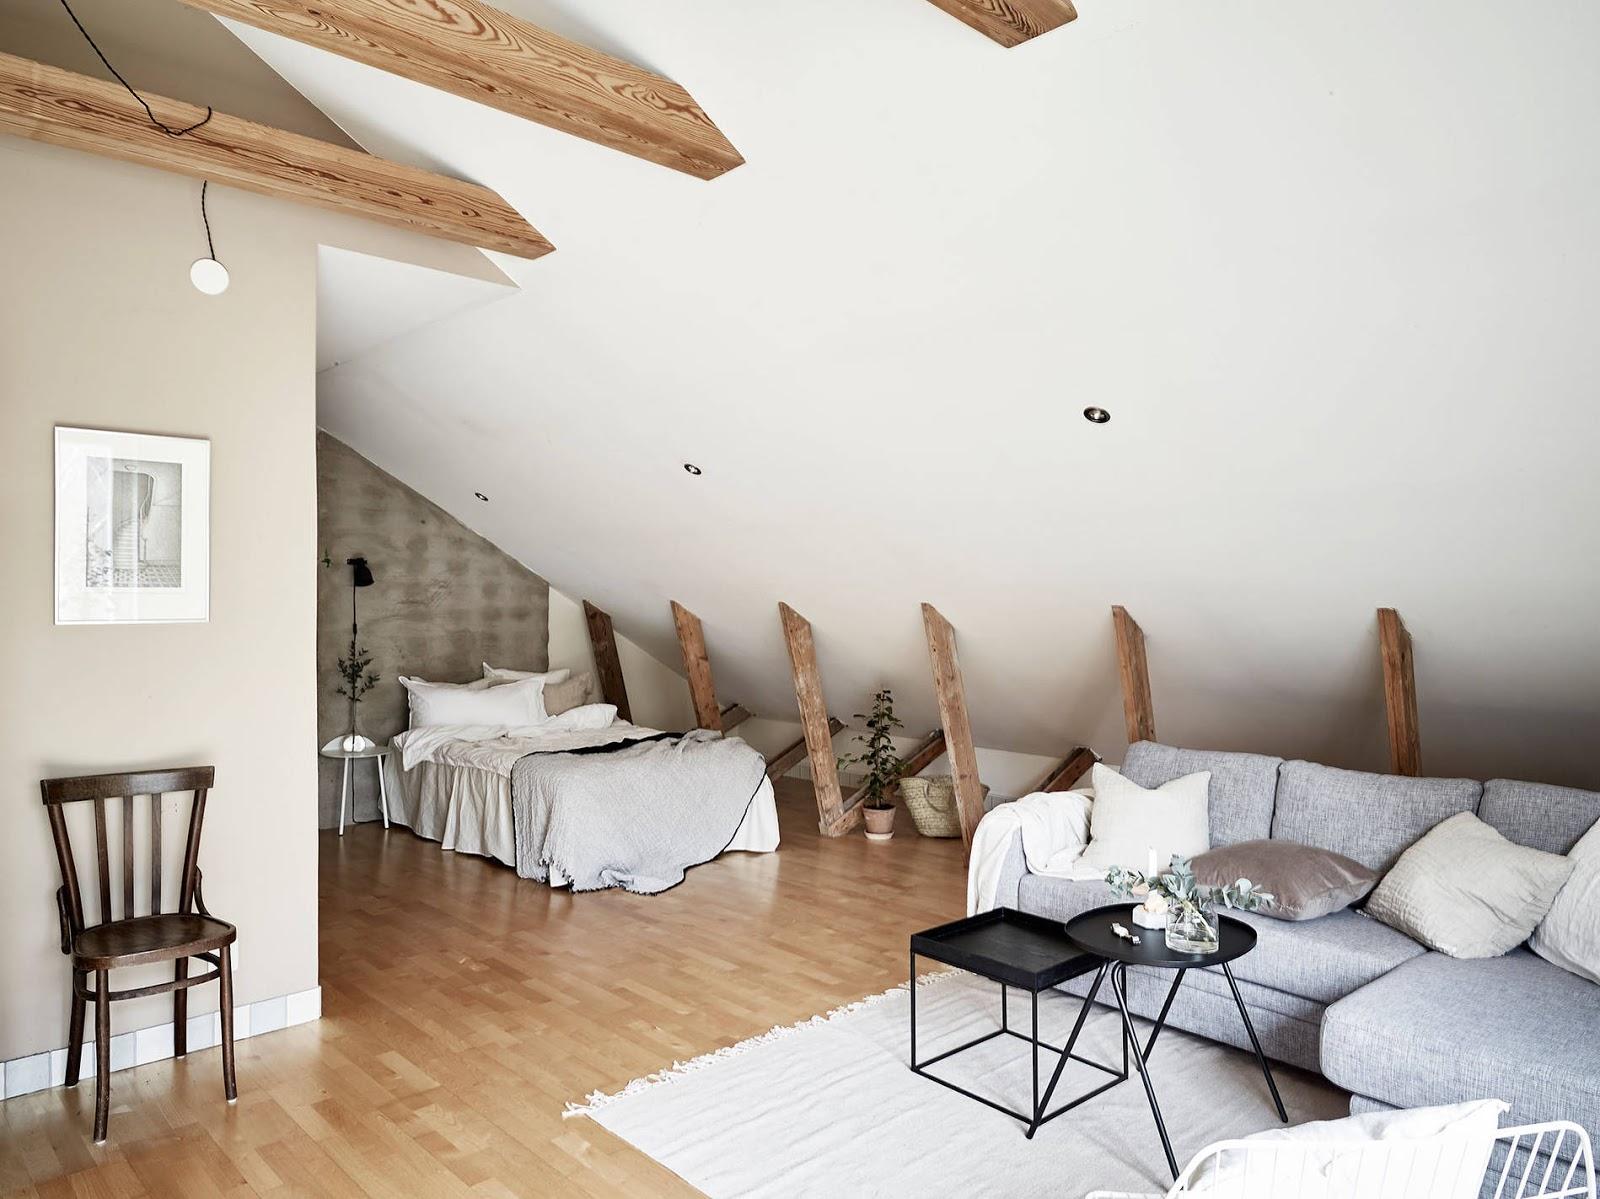 sypialnia w kawalerce, kącik do spania w kawalerce, aneks sypialniany w kawalerce, sypialnia w stylu skandynawskim